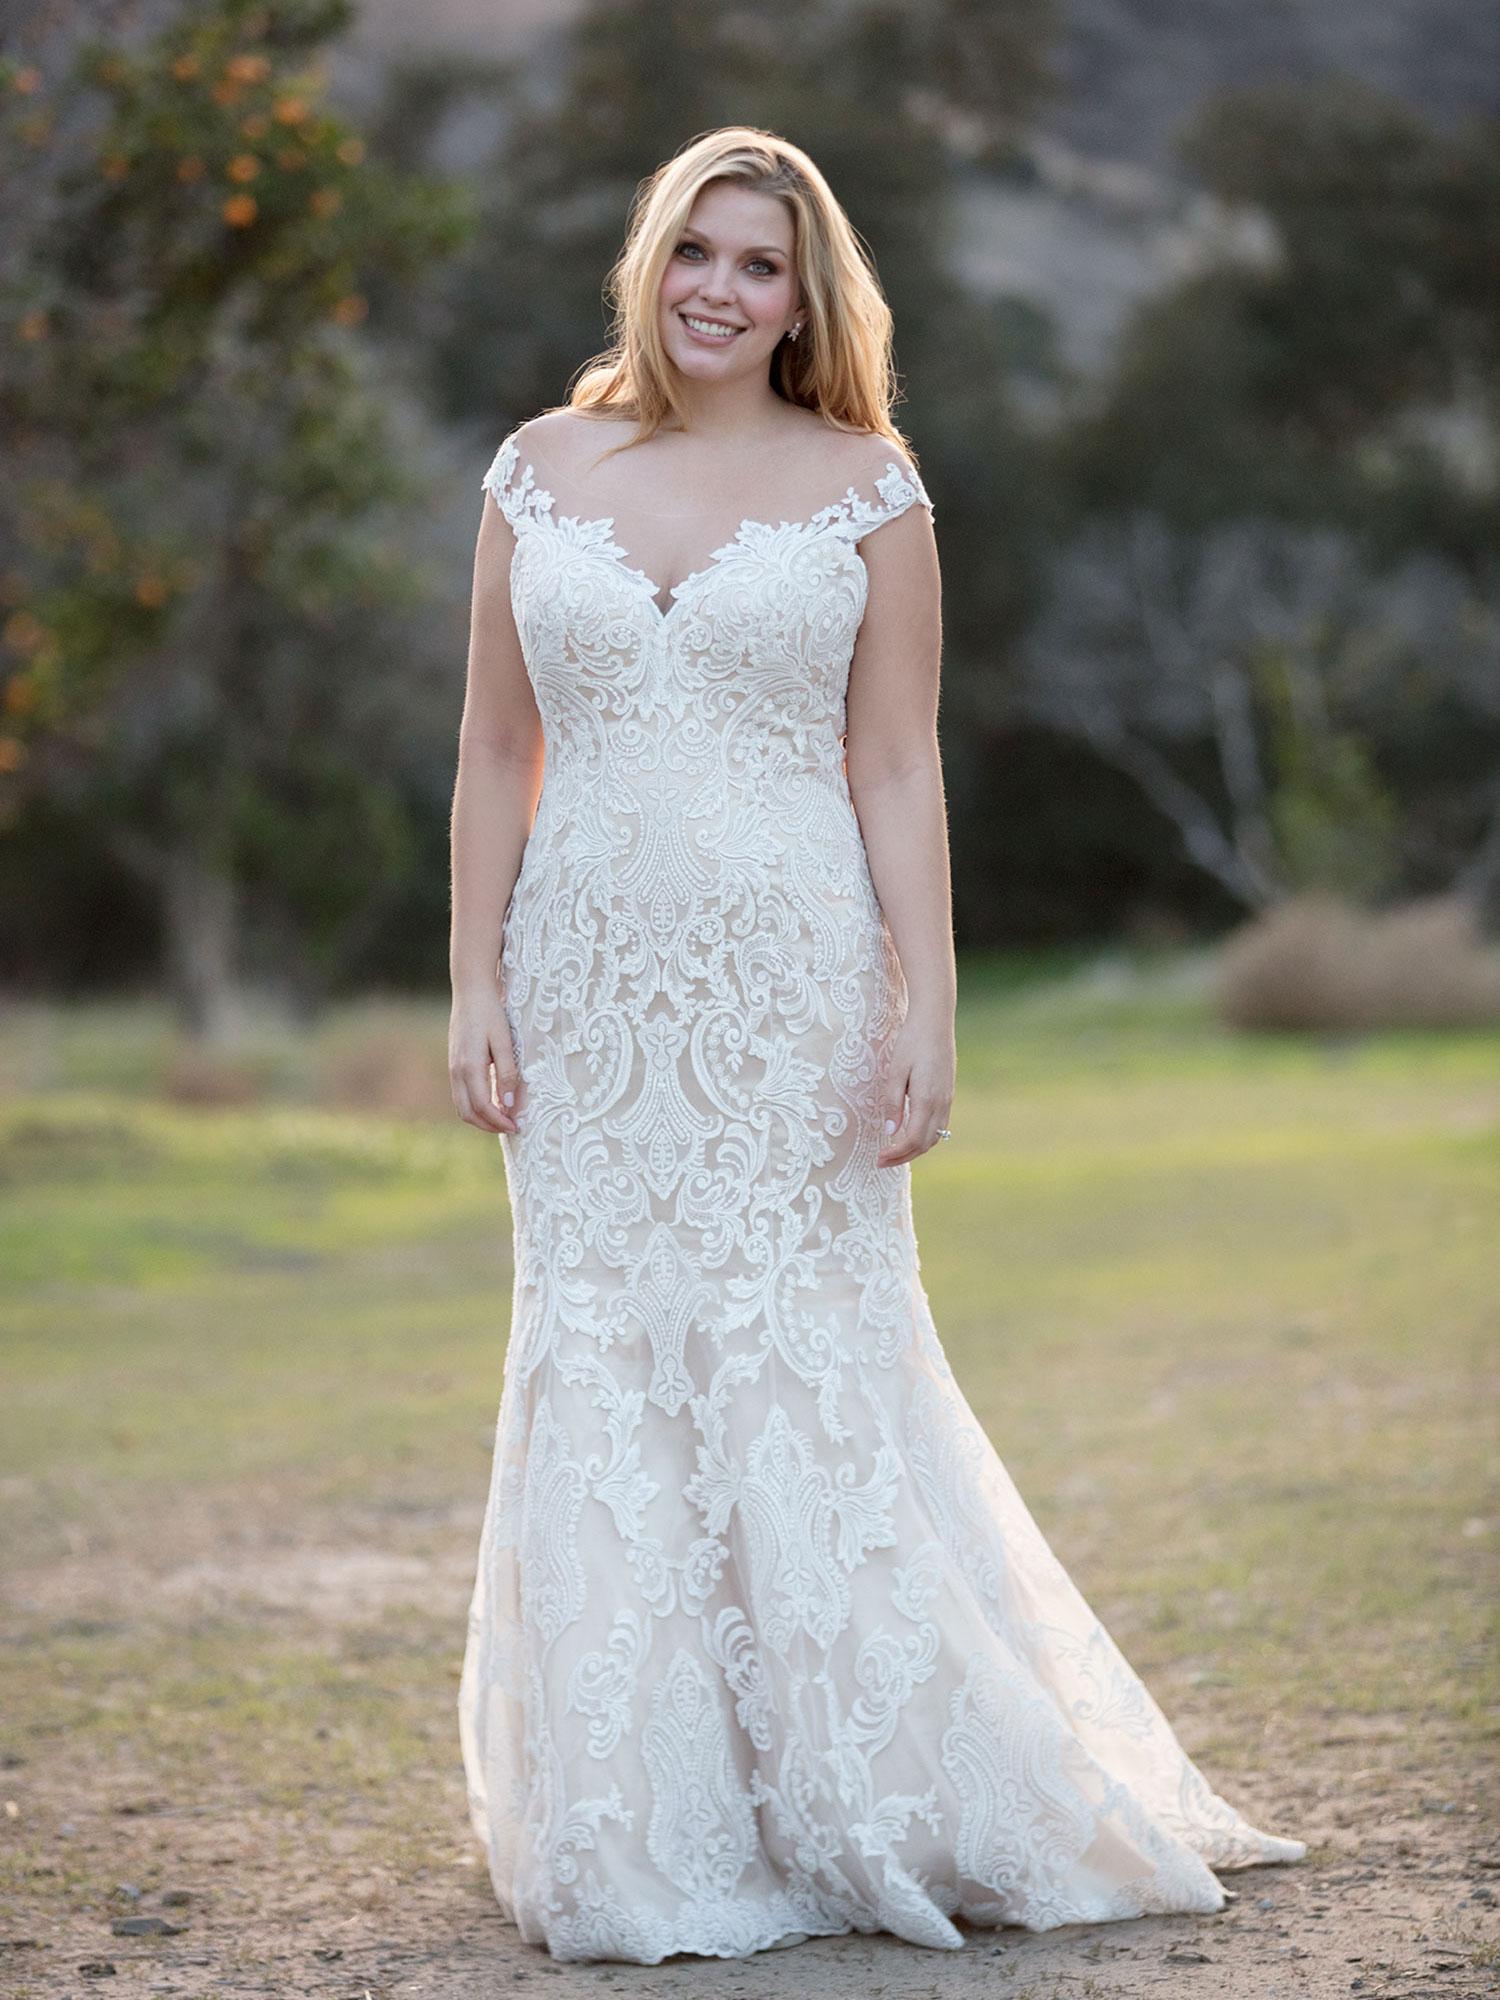 e8a6d6788d7c Home/Bridal Gowns/Allure/Style: 9474*. ; 